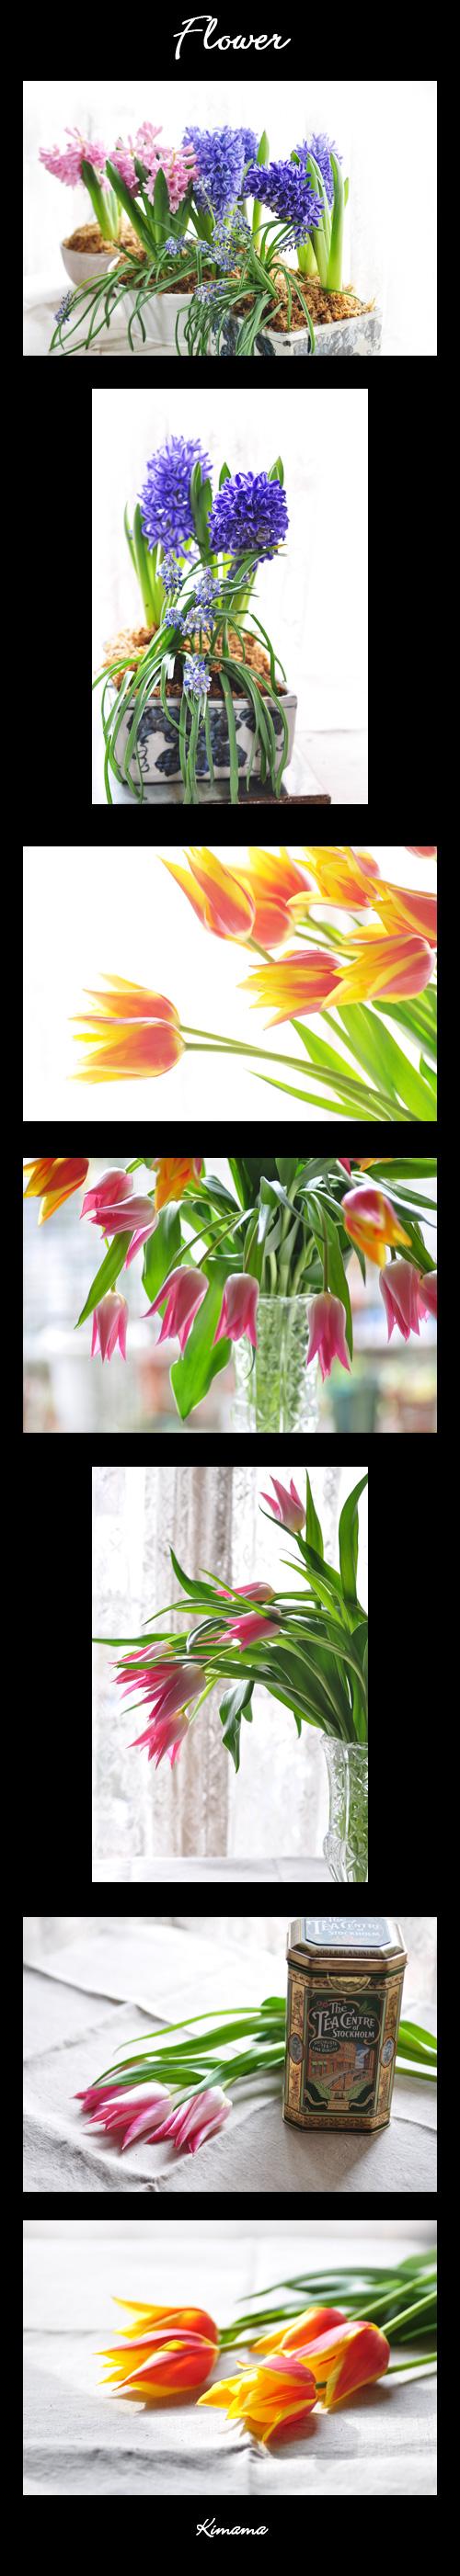 2月27日flower